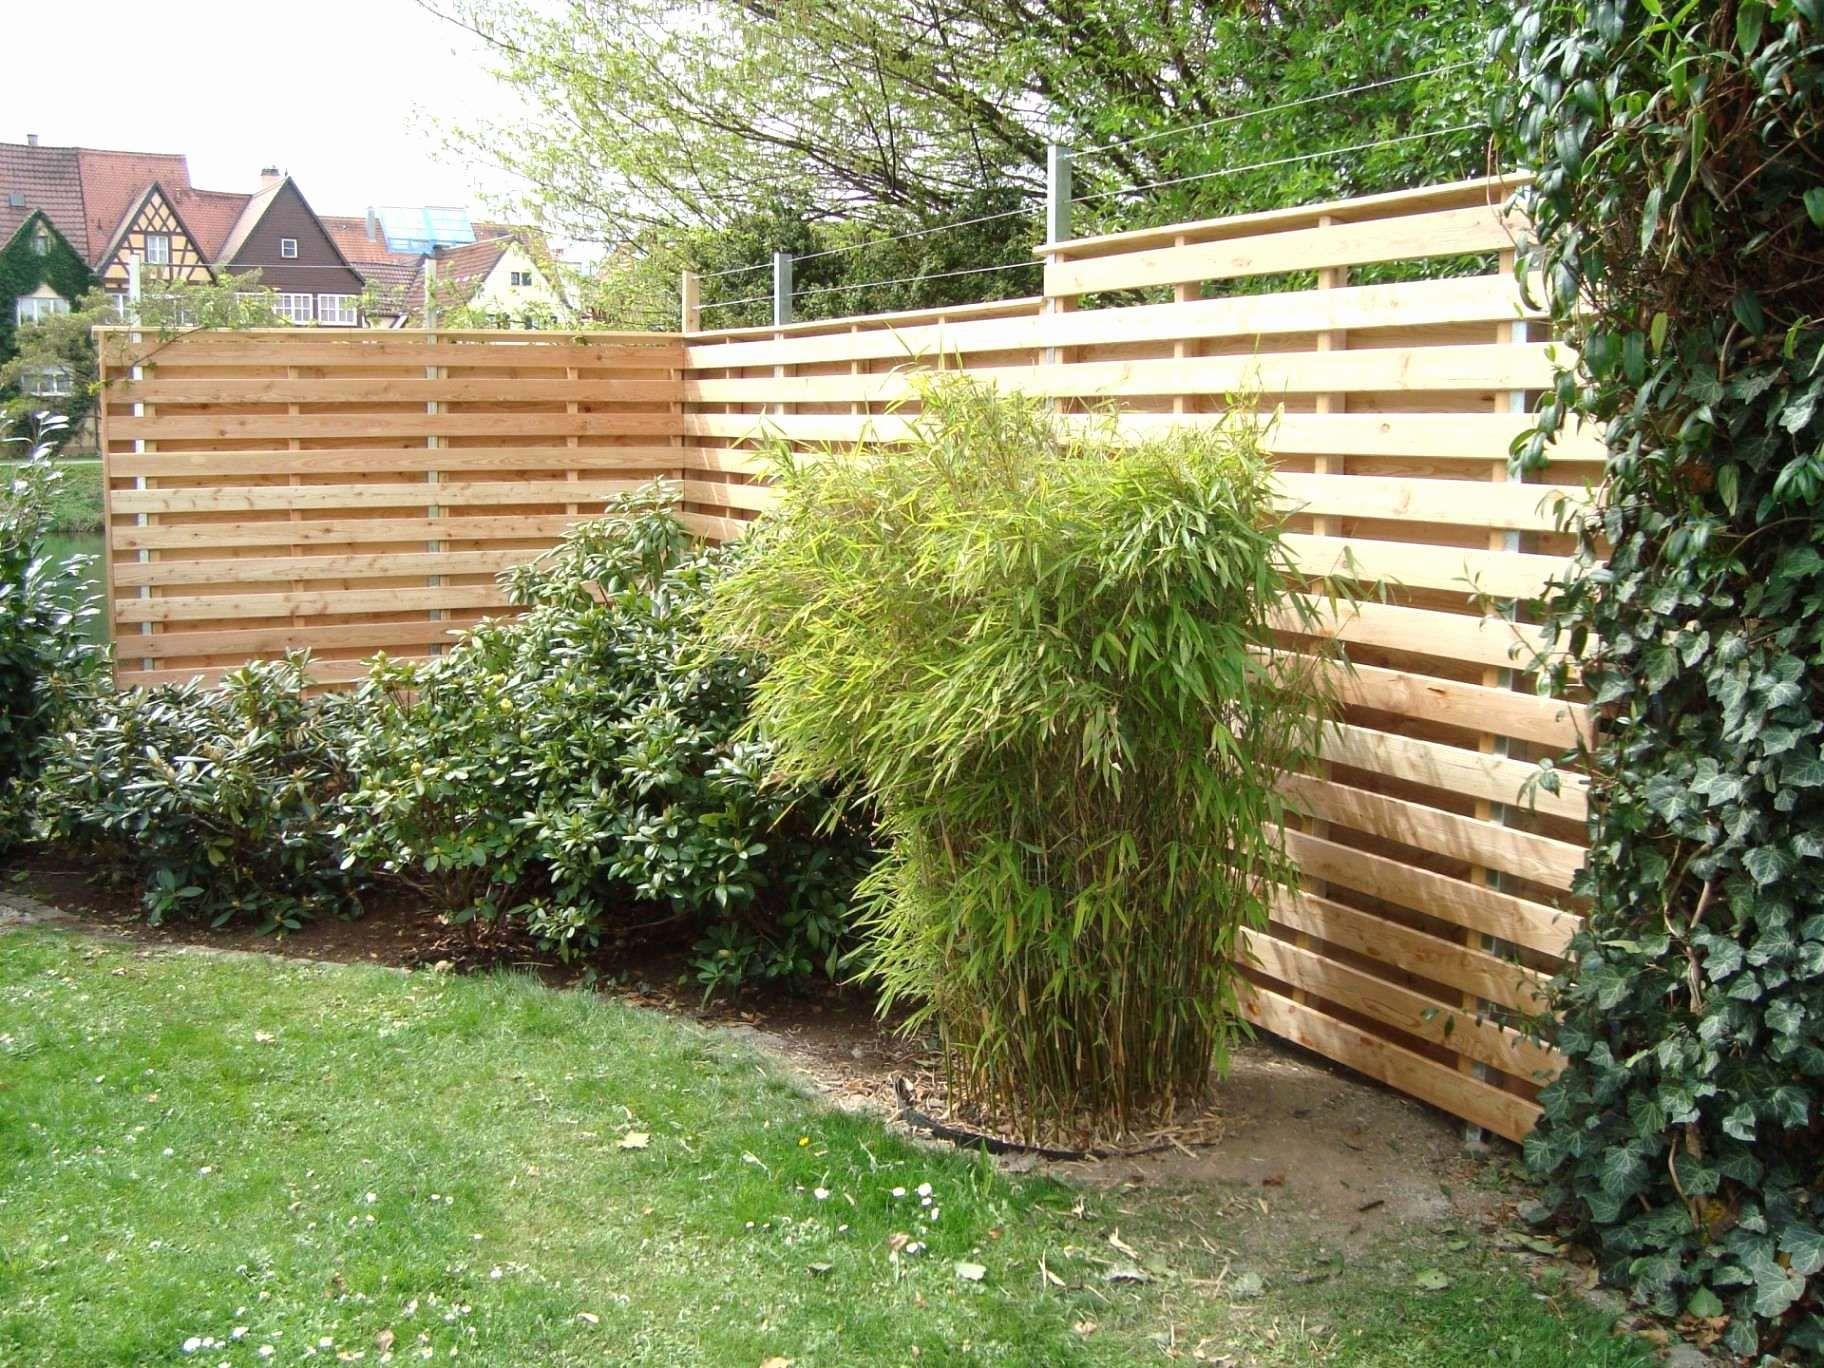 32 Elegant Holz Sichtschutz Garten Foto Trennwand Garten